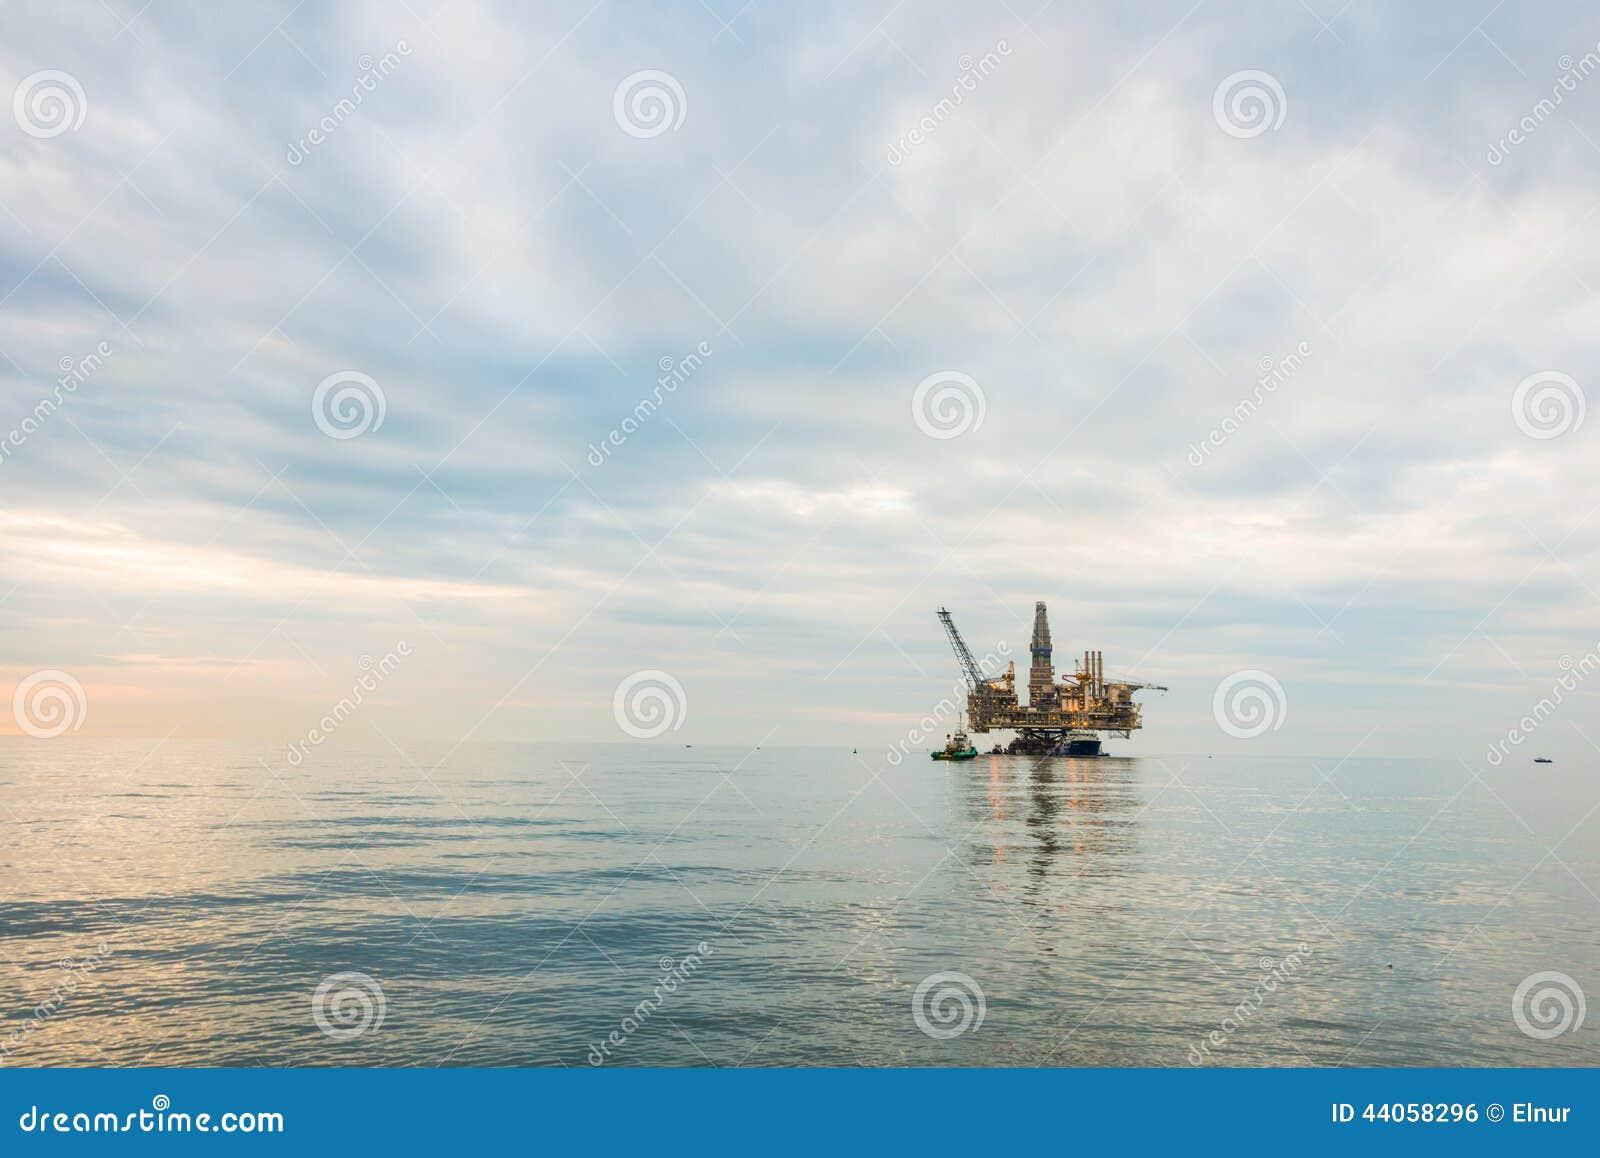 Oljeplattformplattform